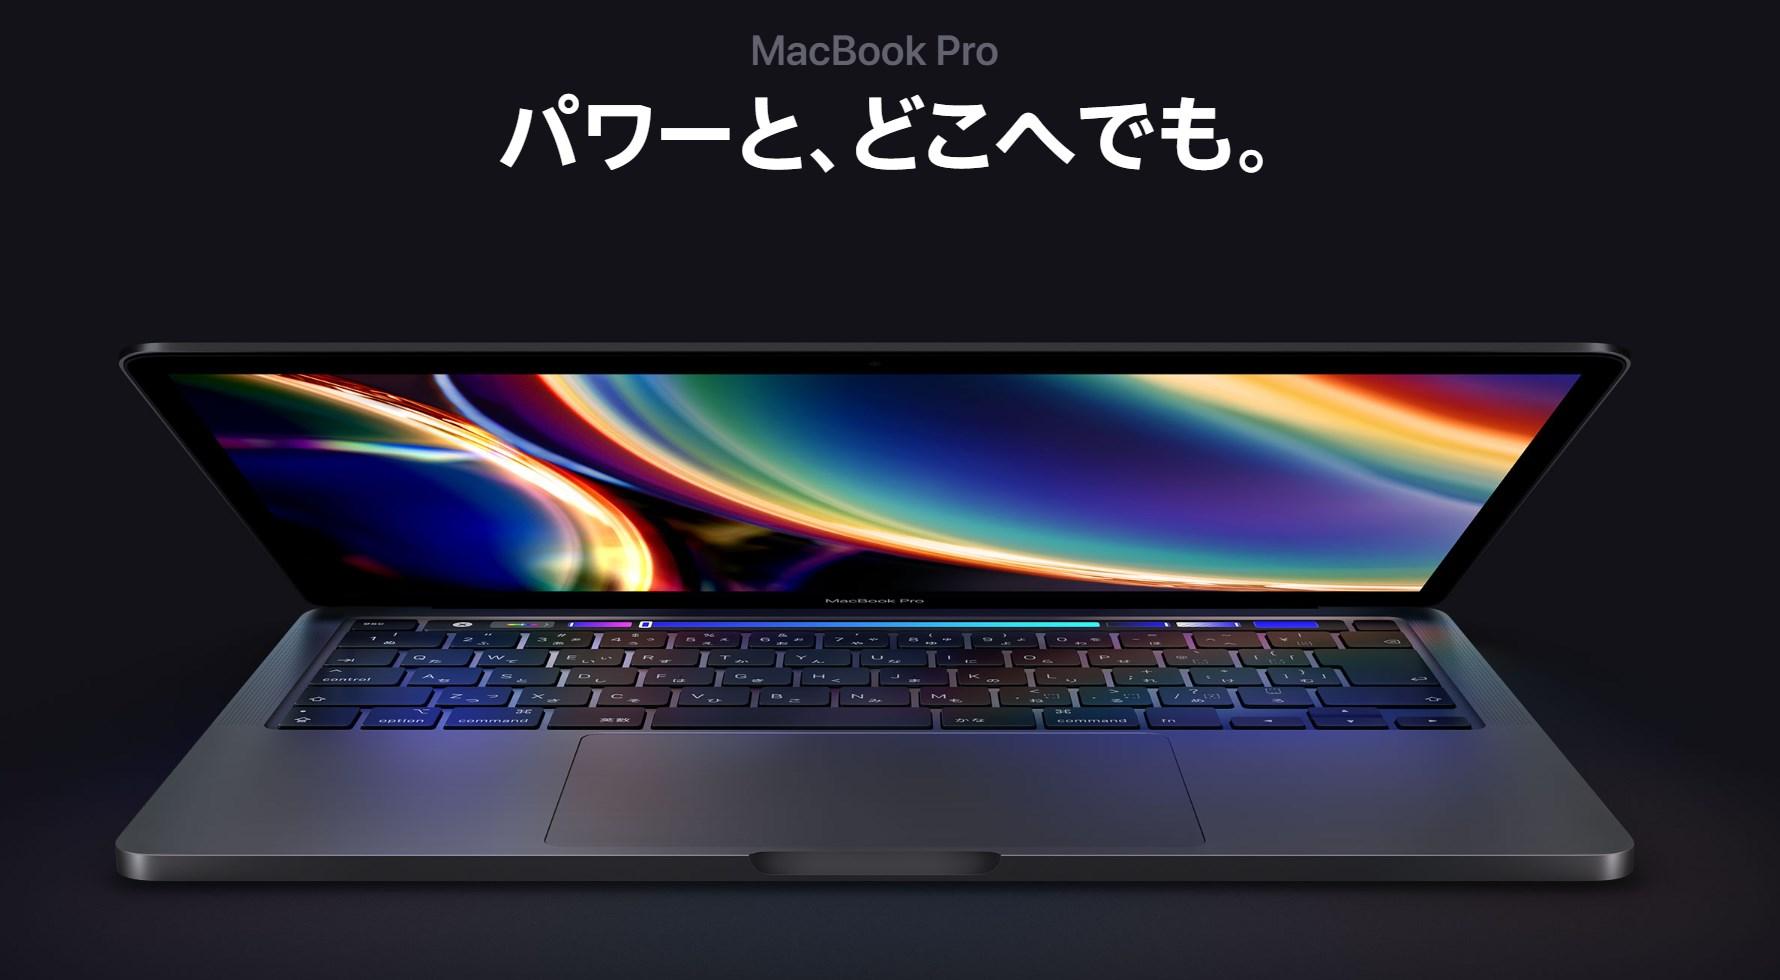 13インチMacBook Pro 2020年モデルをポチりました